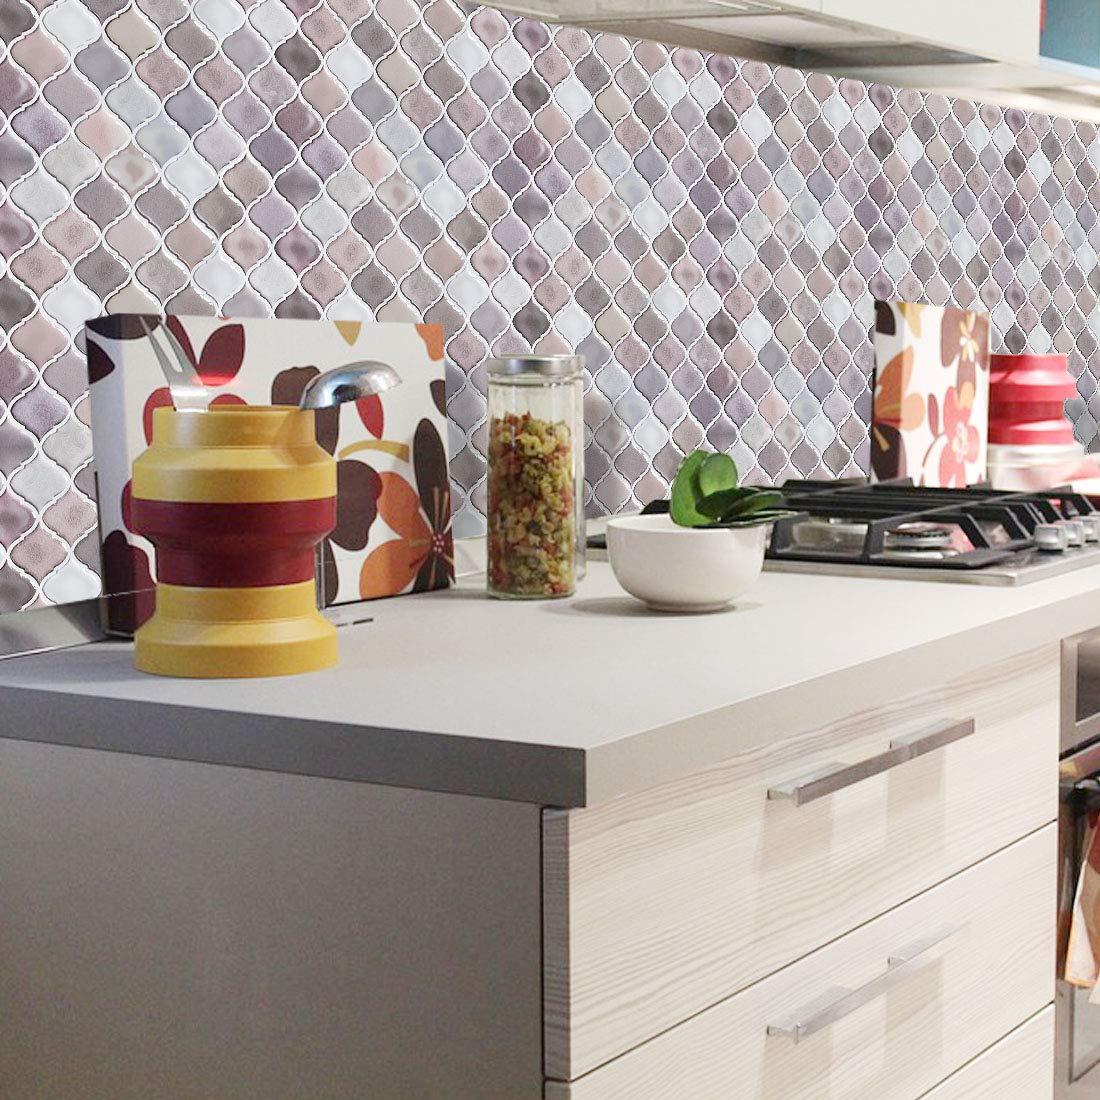 Peel And Stick Tile Backsplash For Kitchen Bathroom,Teal Arabesque Tile Backsplash,Mosaic